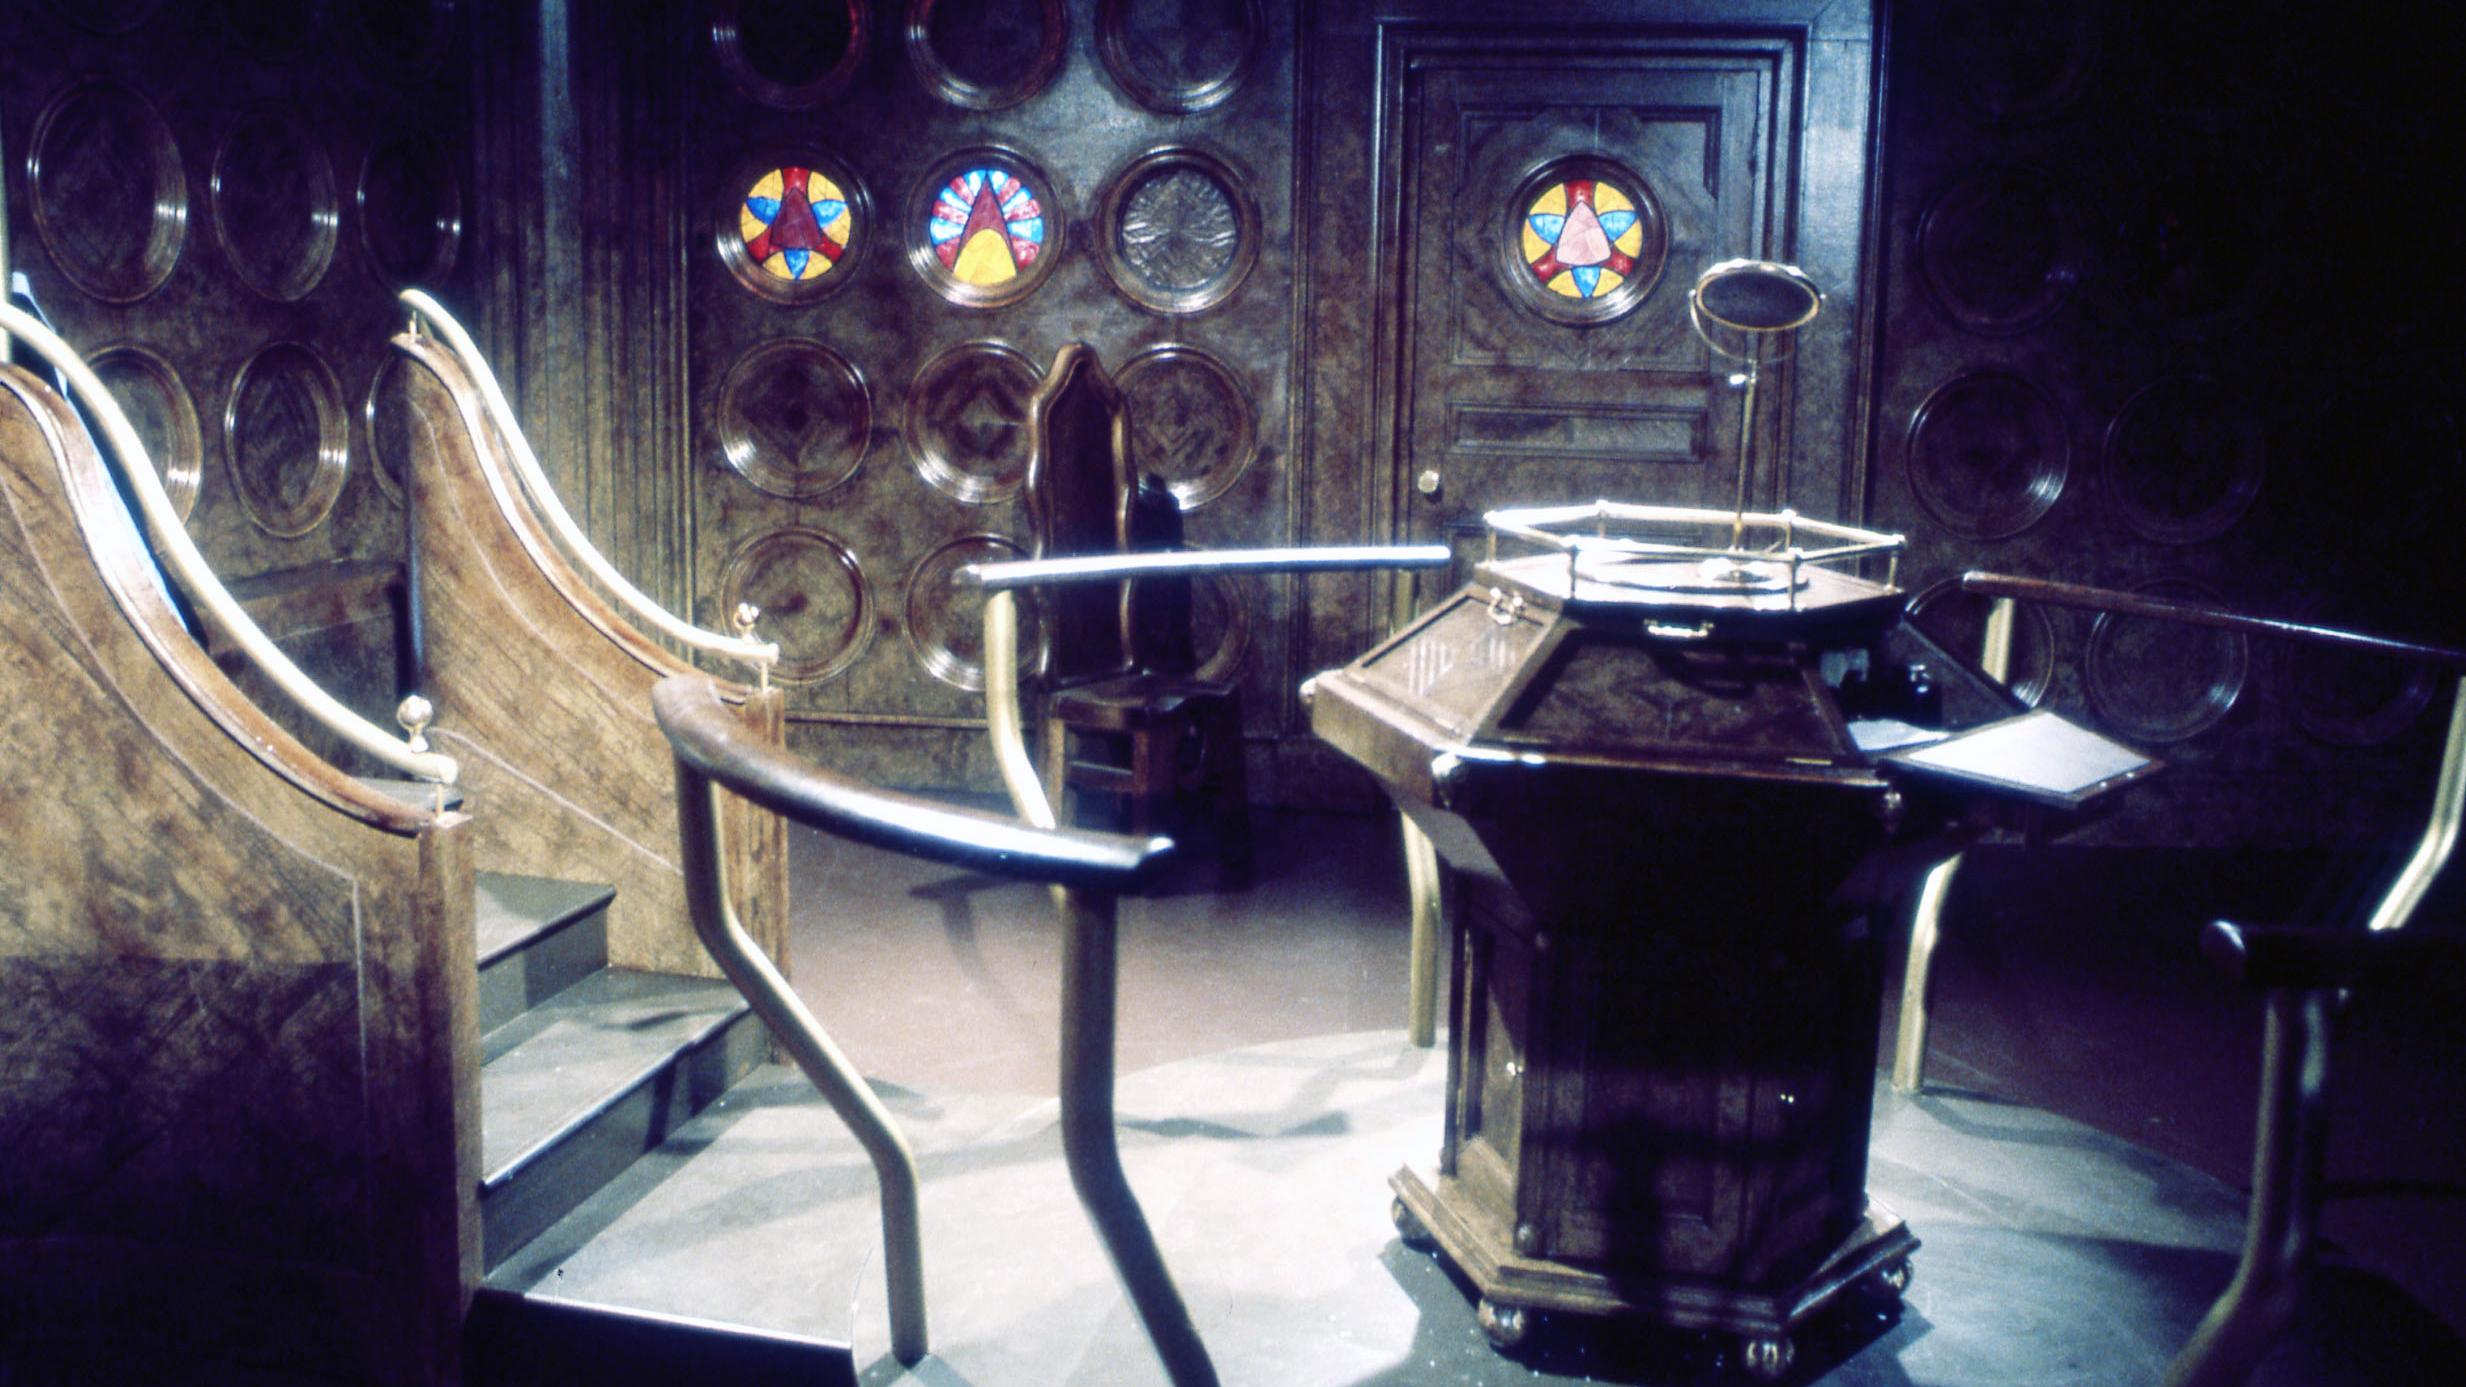 Escenario para la serie de televisión Doctor Who. Masque of Mandragora Tardis 2 (1976). Imagen: BBC TV.